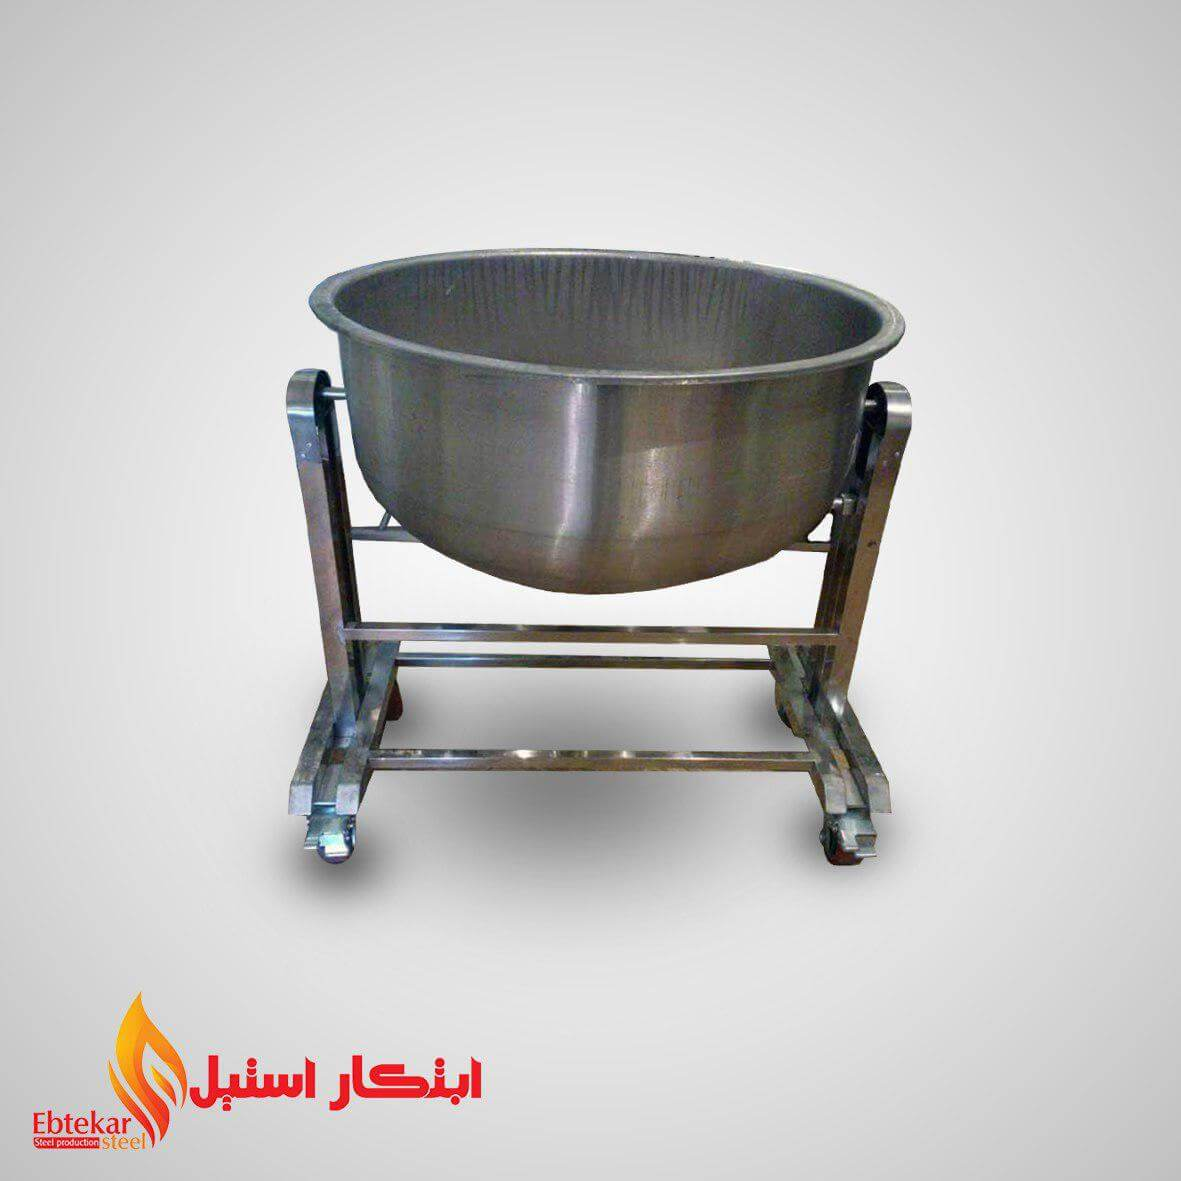 پاتیل استیل تولید حلیم | دیگ استیل تولید حلیم | پاتیل استیل حلیم پزی | پاتیل حلیم